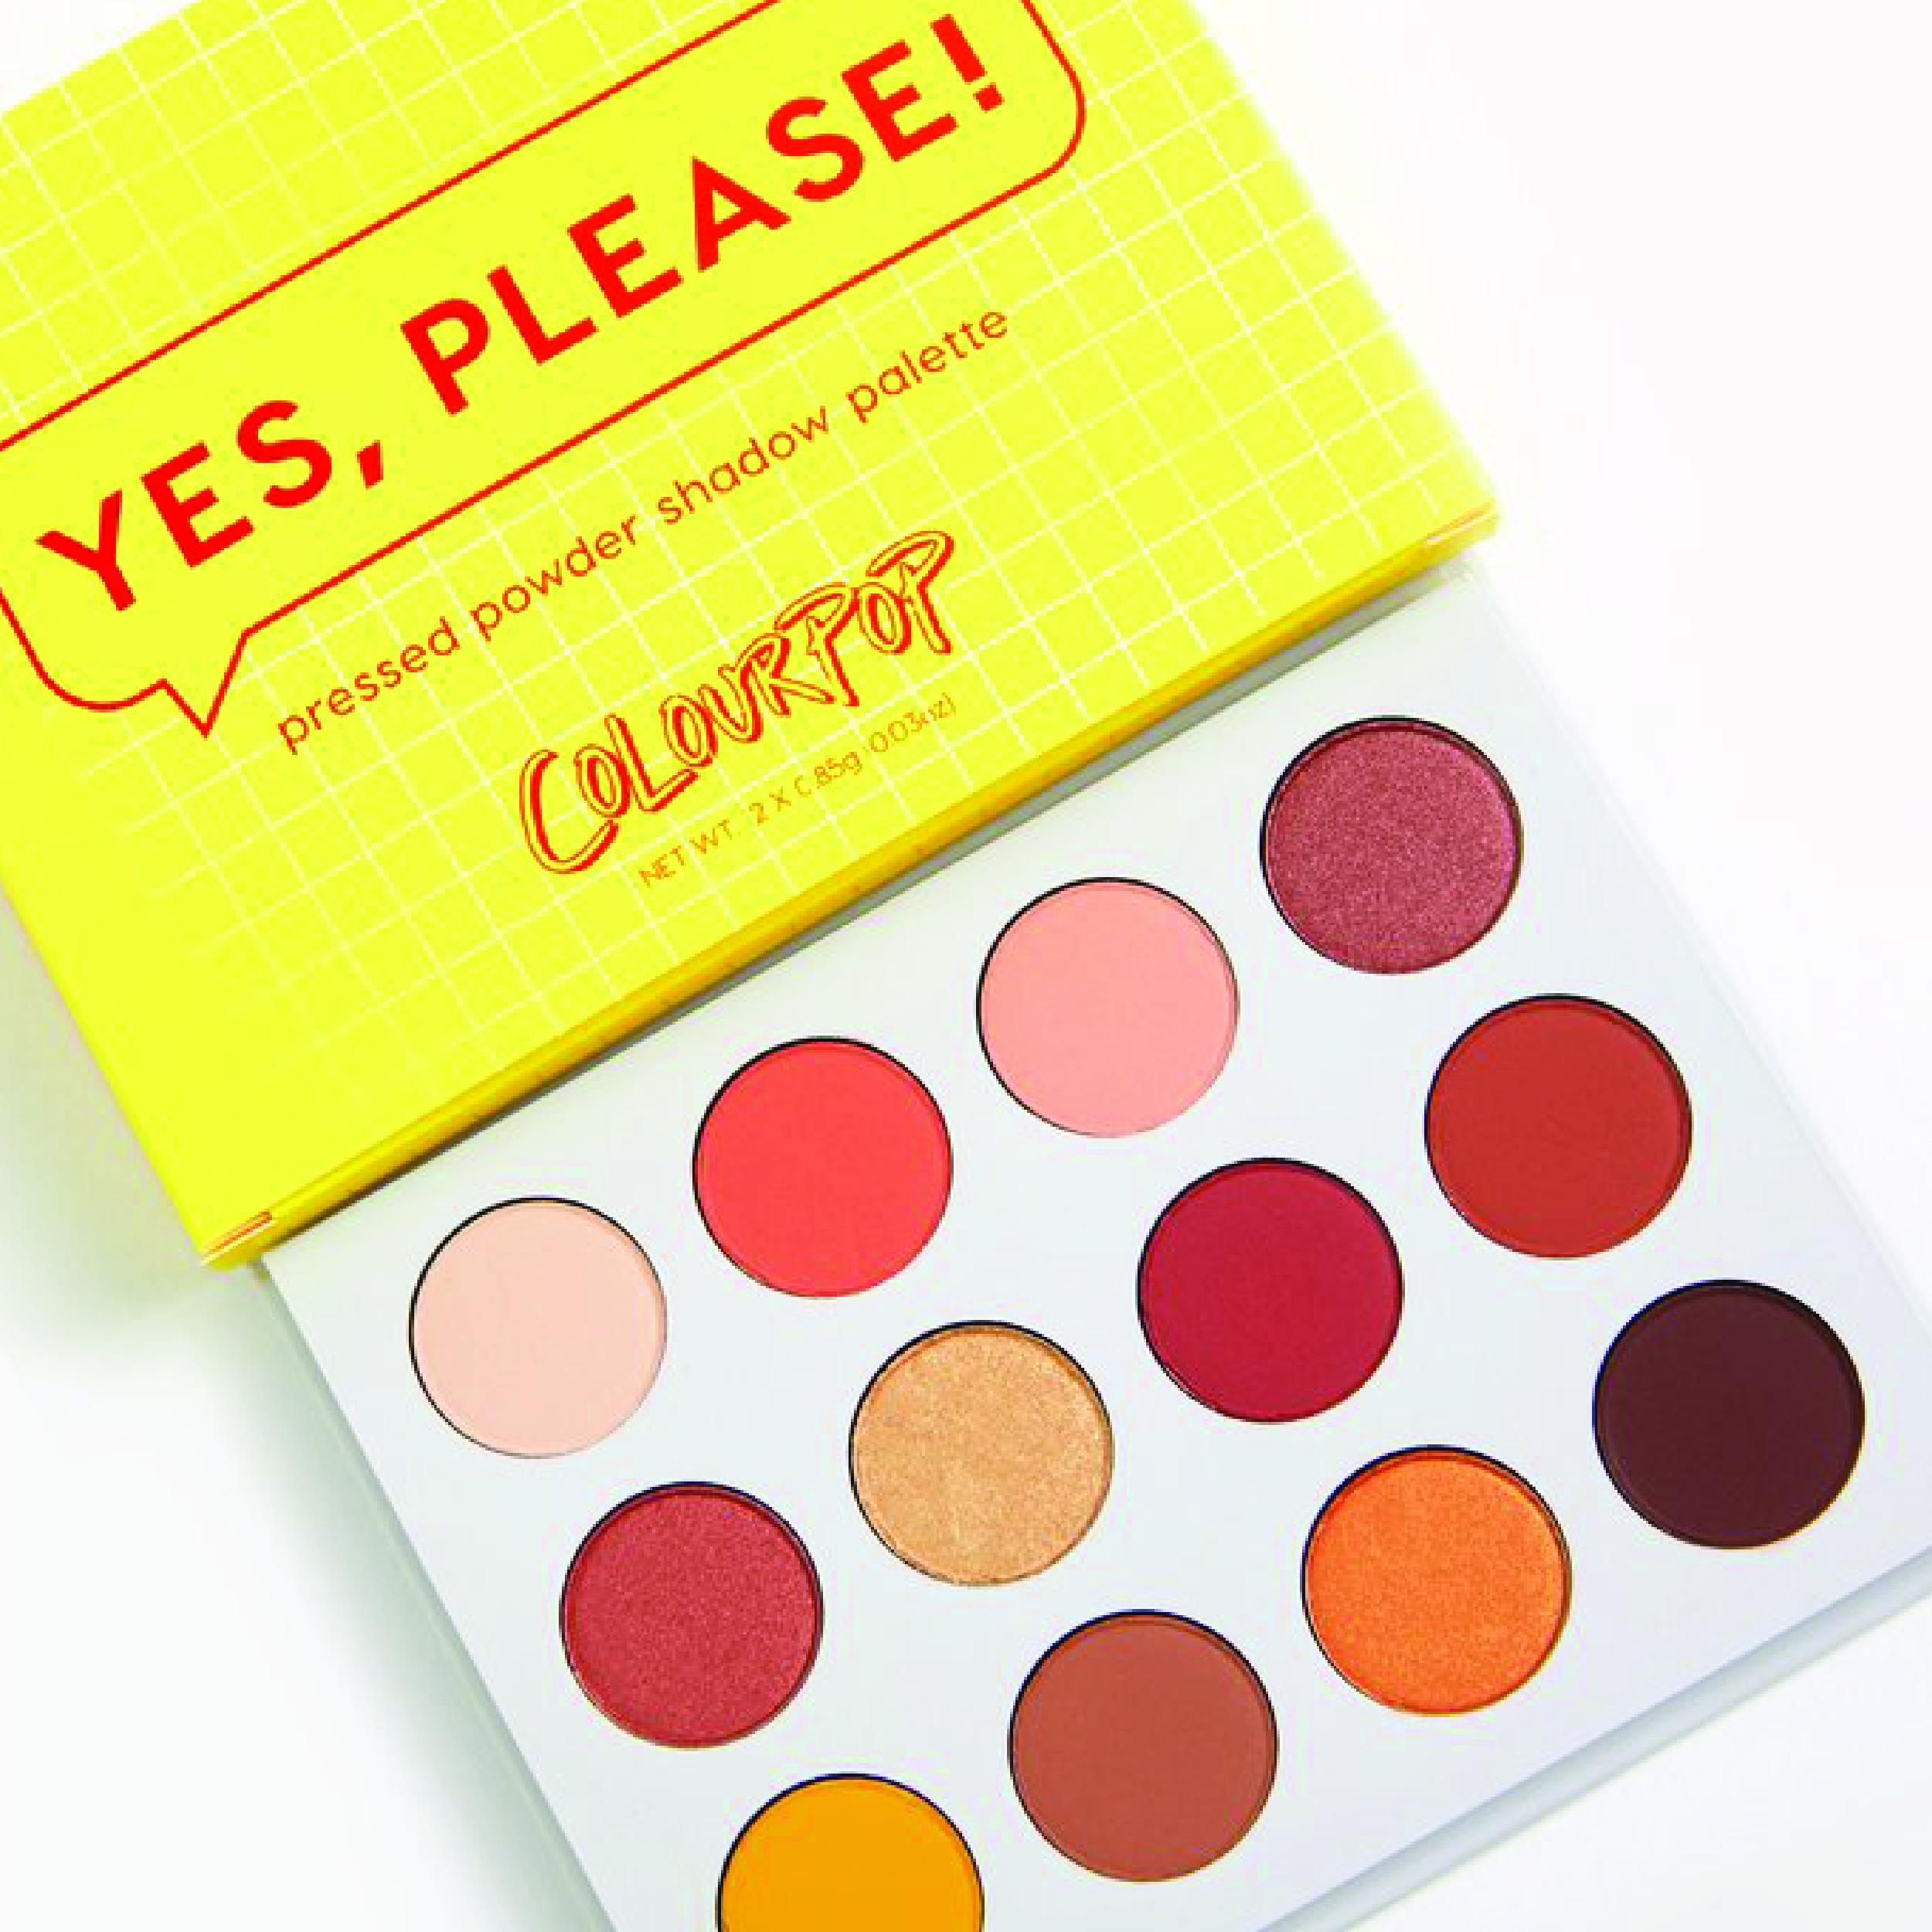 Colourpop Yes, Please!